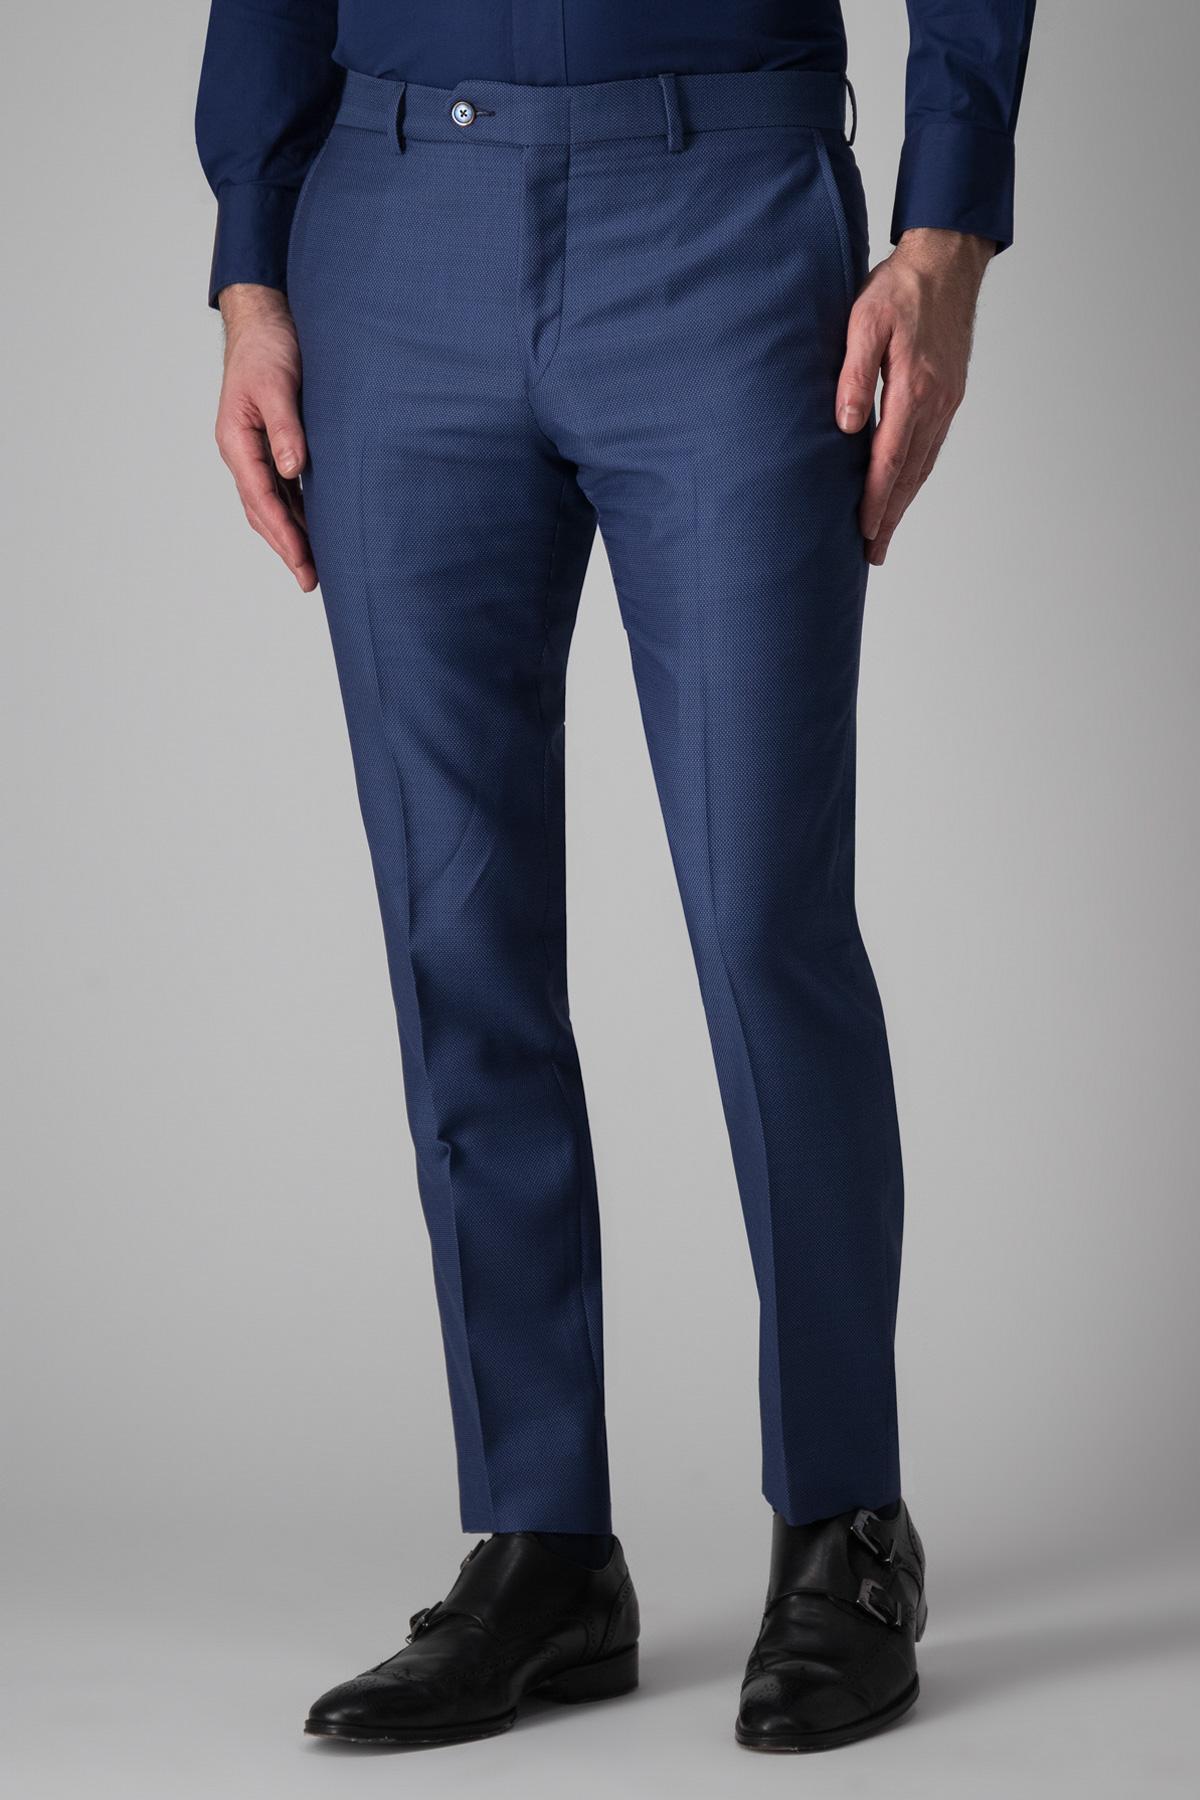 Pantalón Calderoni, tejido italiano de lana y algodón, azul tramado.